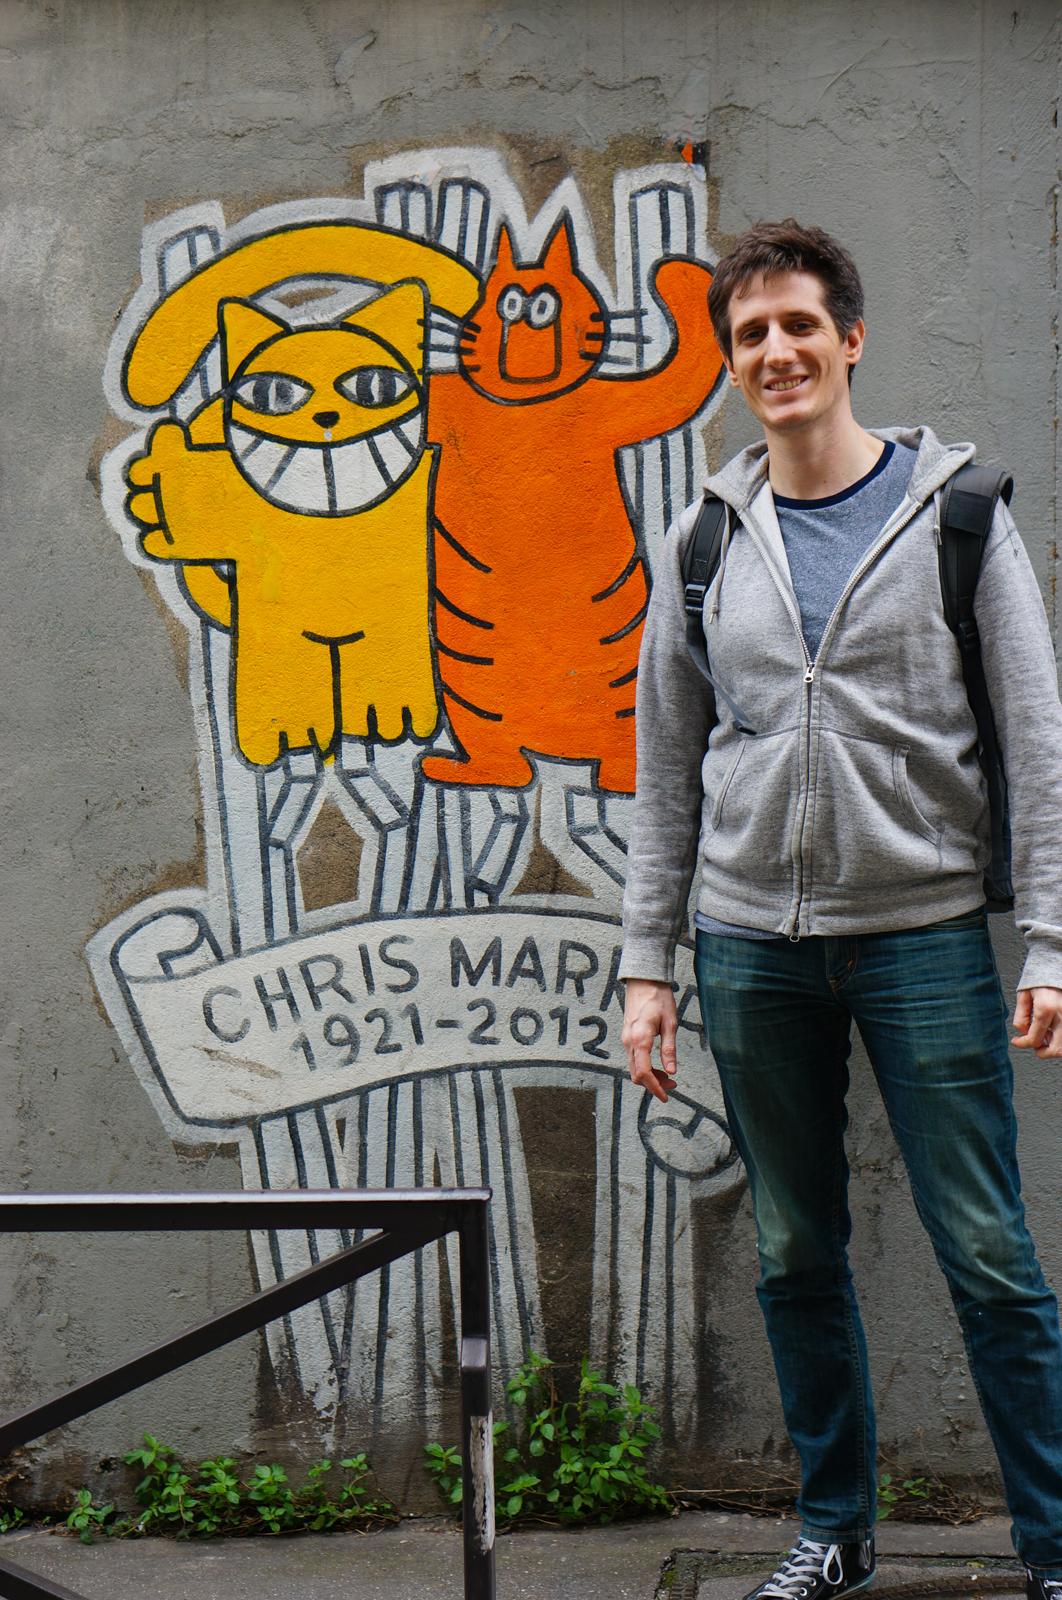 paris 20, balade paris 20, paris underground, paris alternatif, paris insolite, découvrir paris 20, que faire paris 20, balade originale paris 20, paris street art, street art paris 20, monsieur le chat